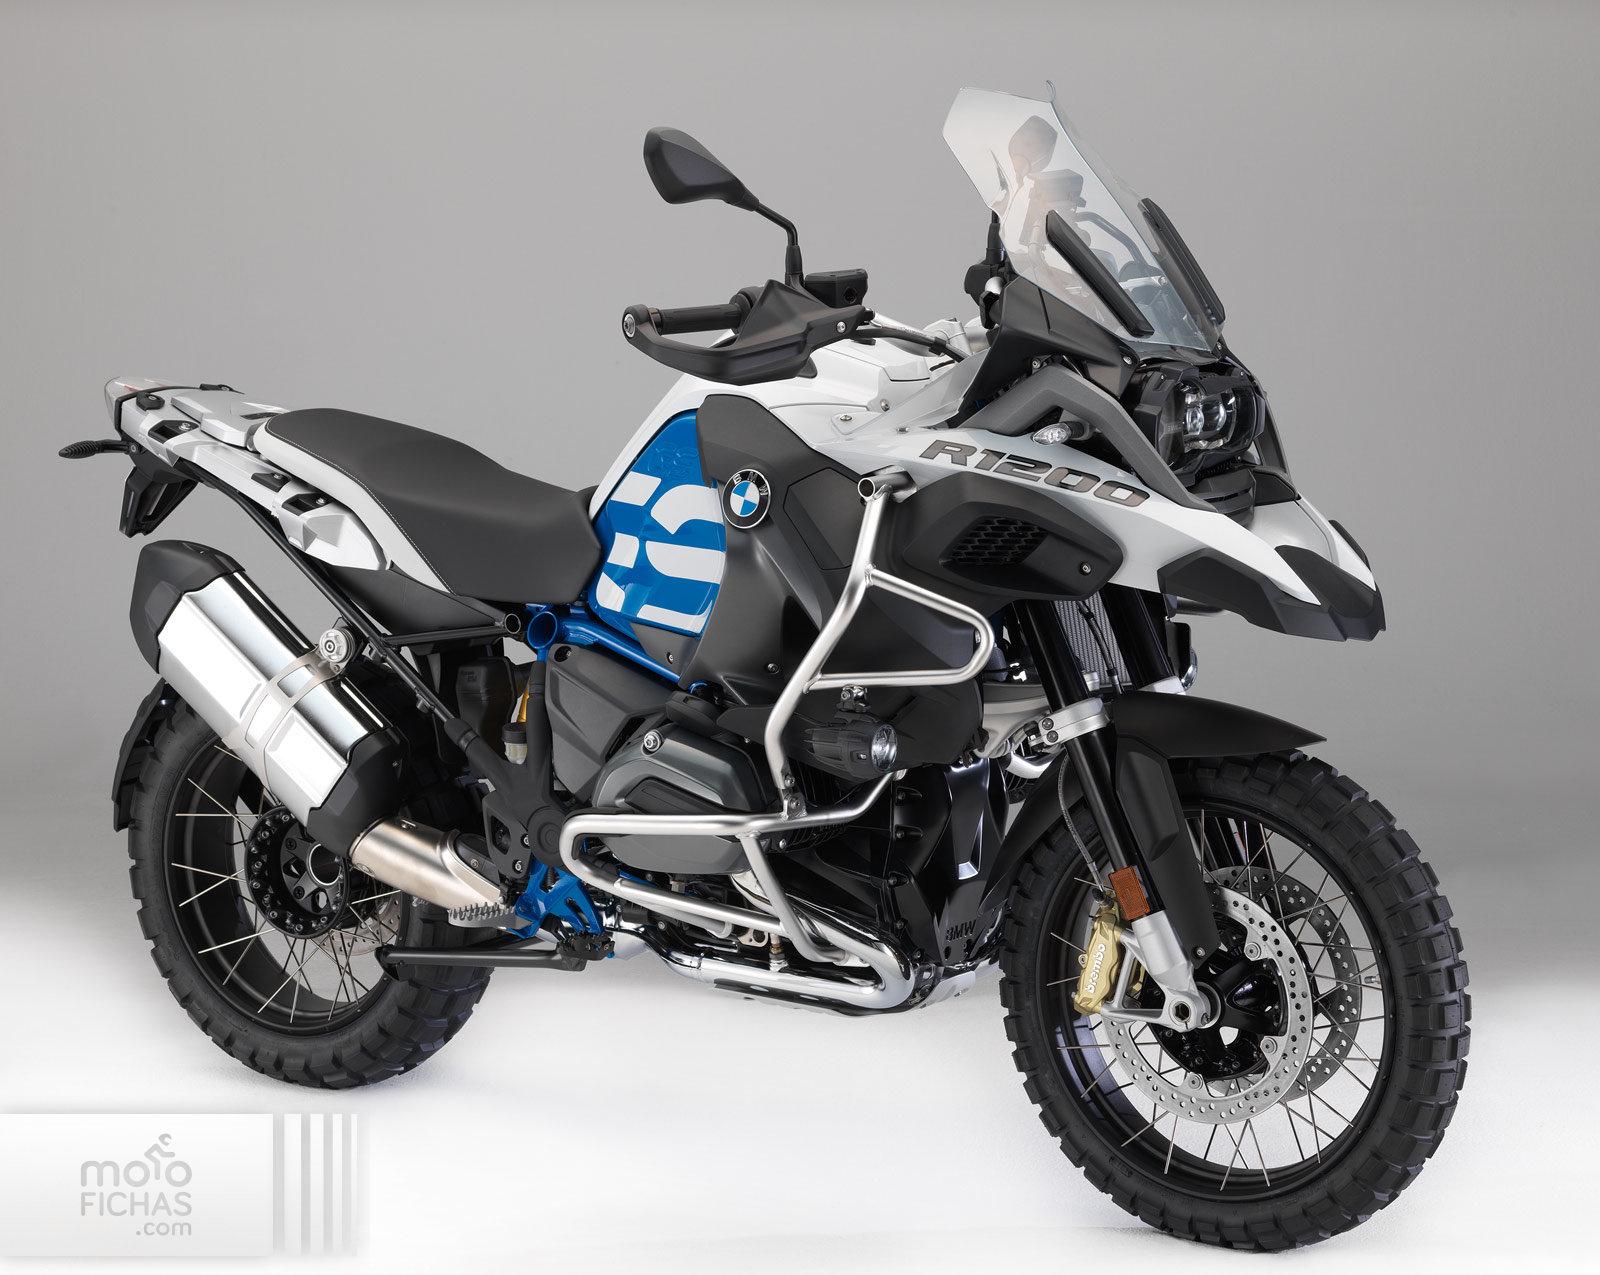 BMW R 1200 GS Adventure 2018 precio ficha opiniones y ofertas